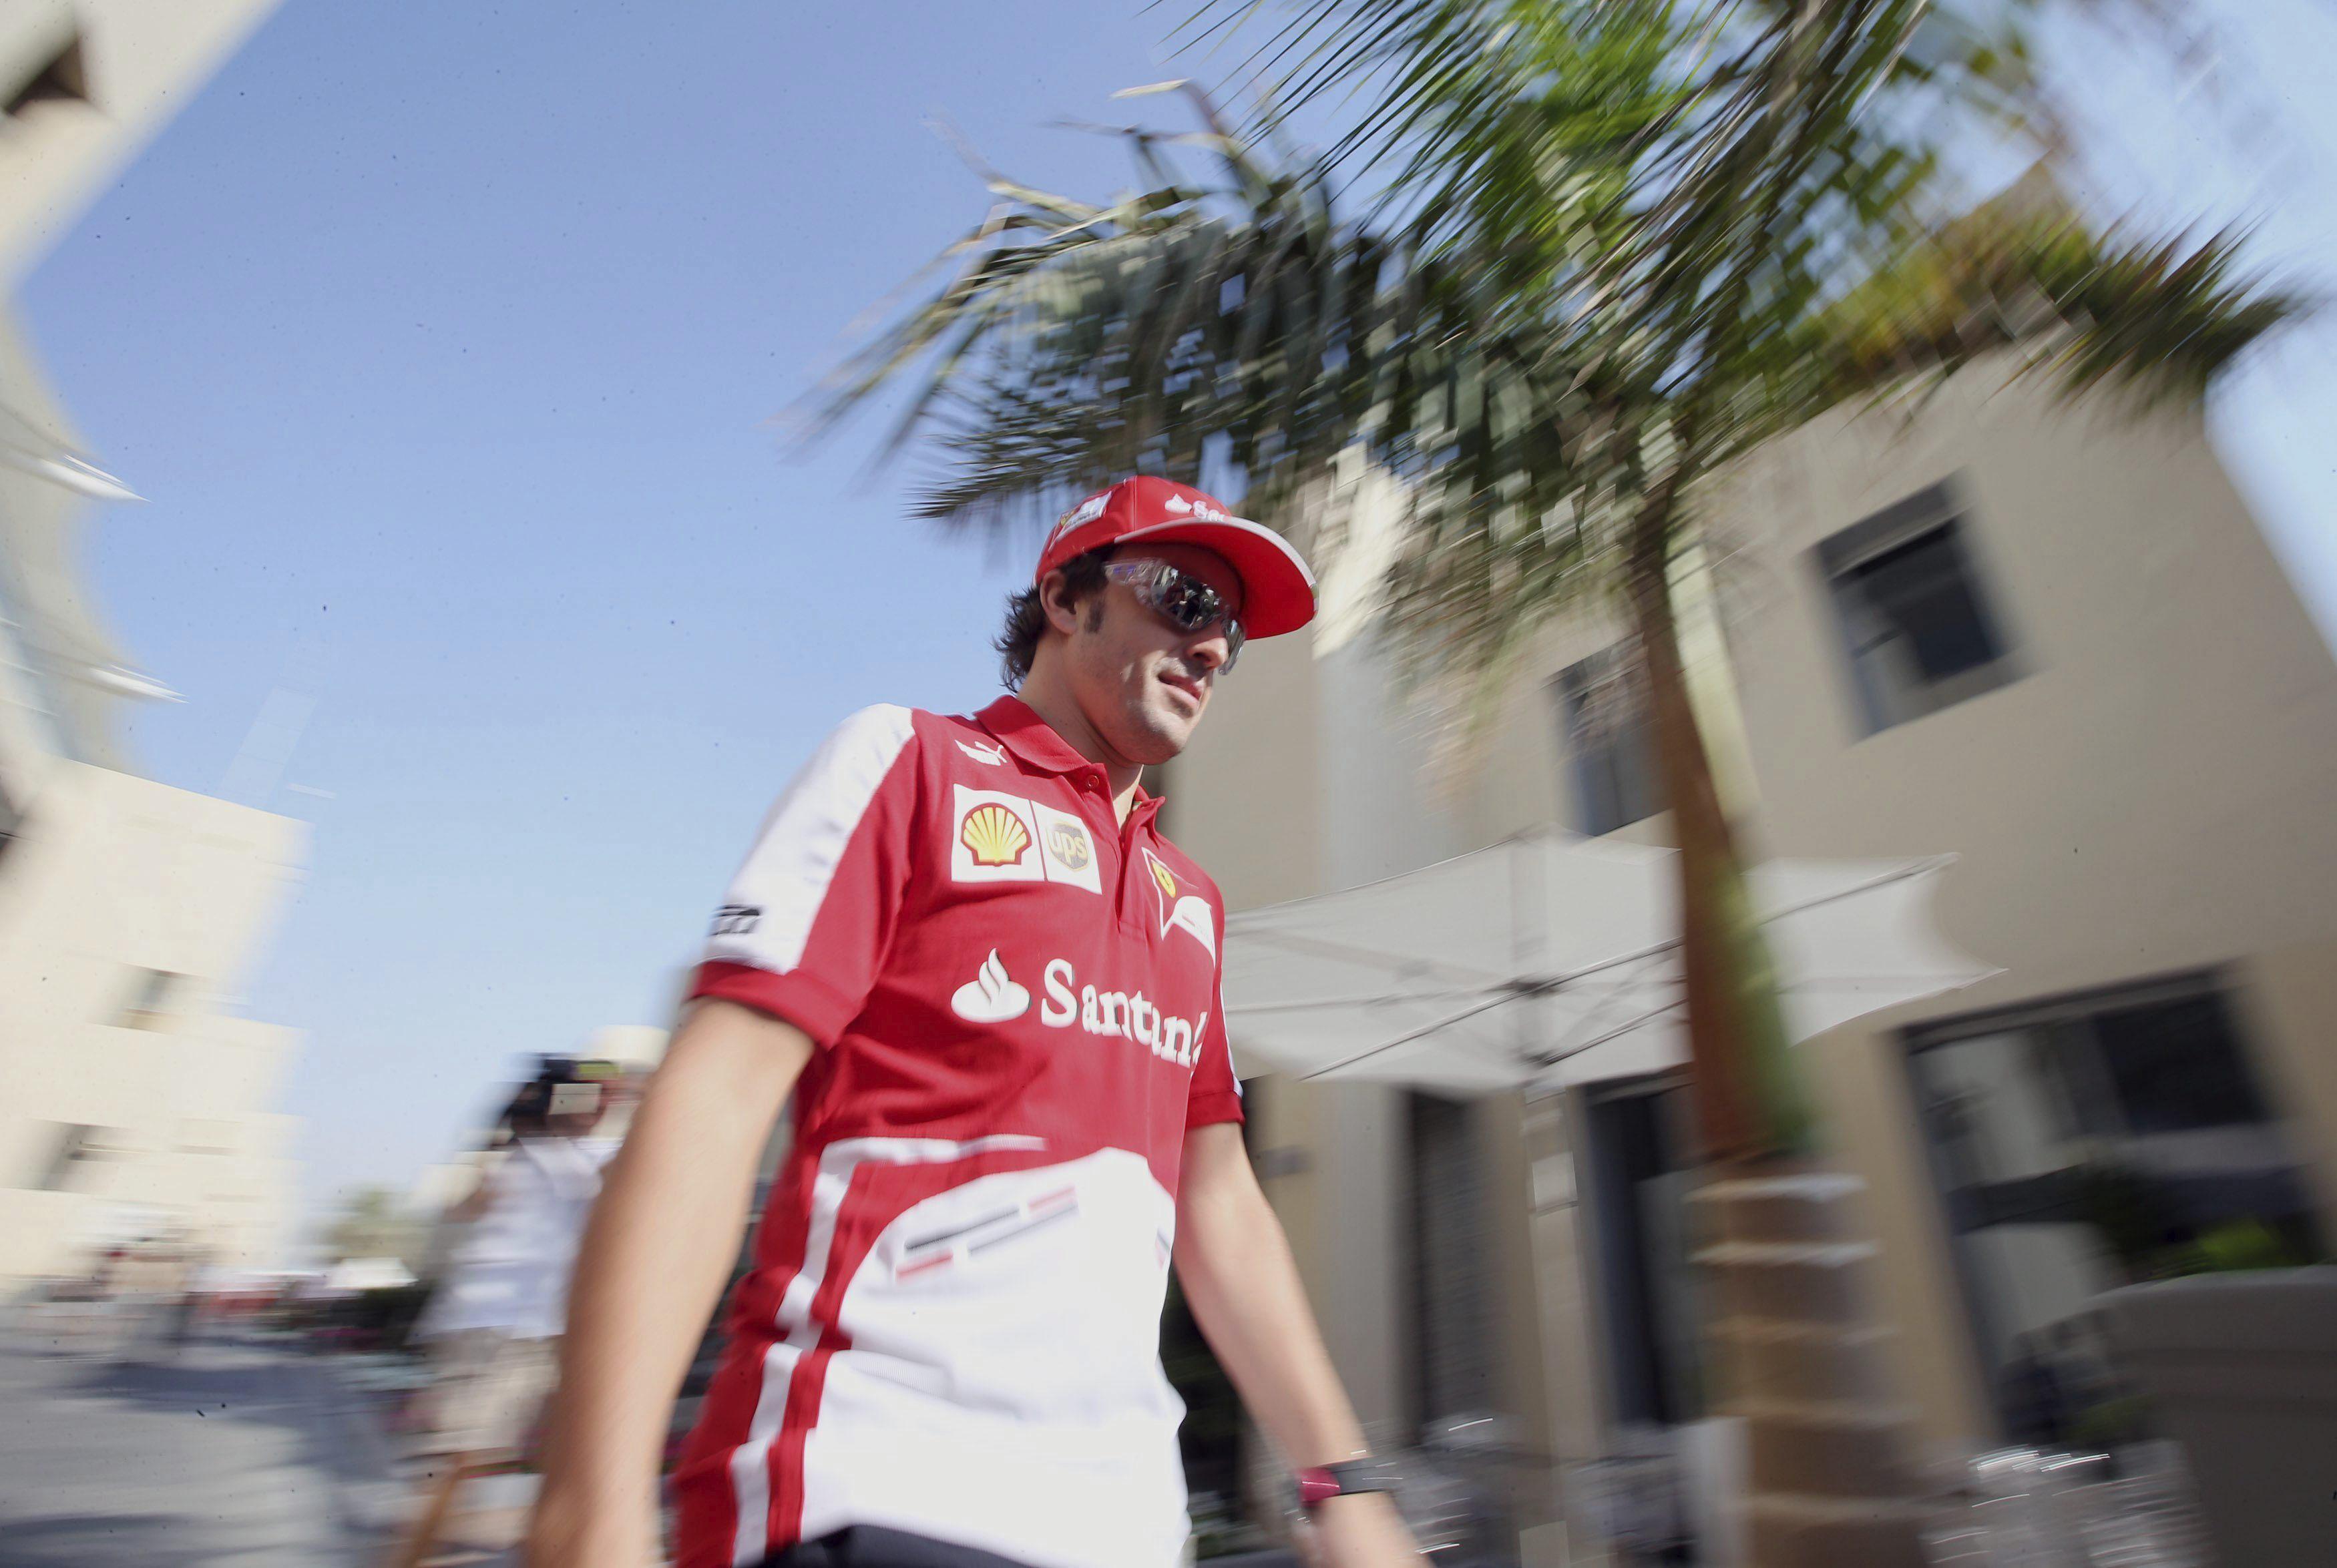 Alonso necesita sumar 51 puntos en las próximas carreras para ser subcampeón